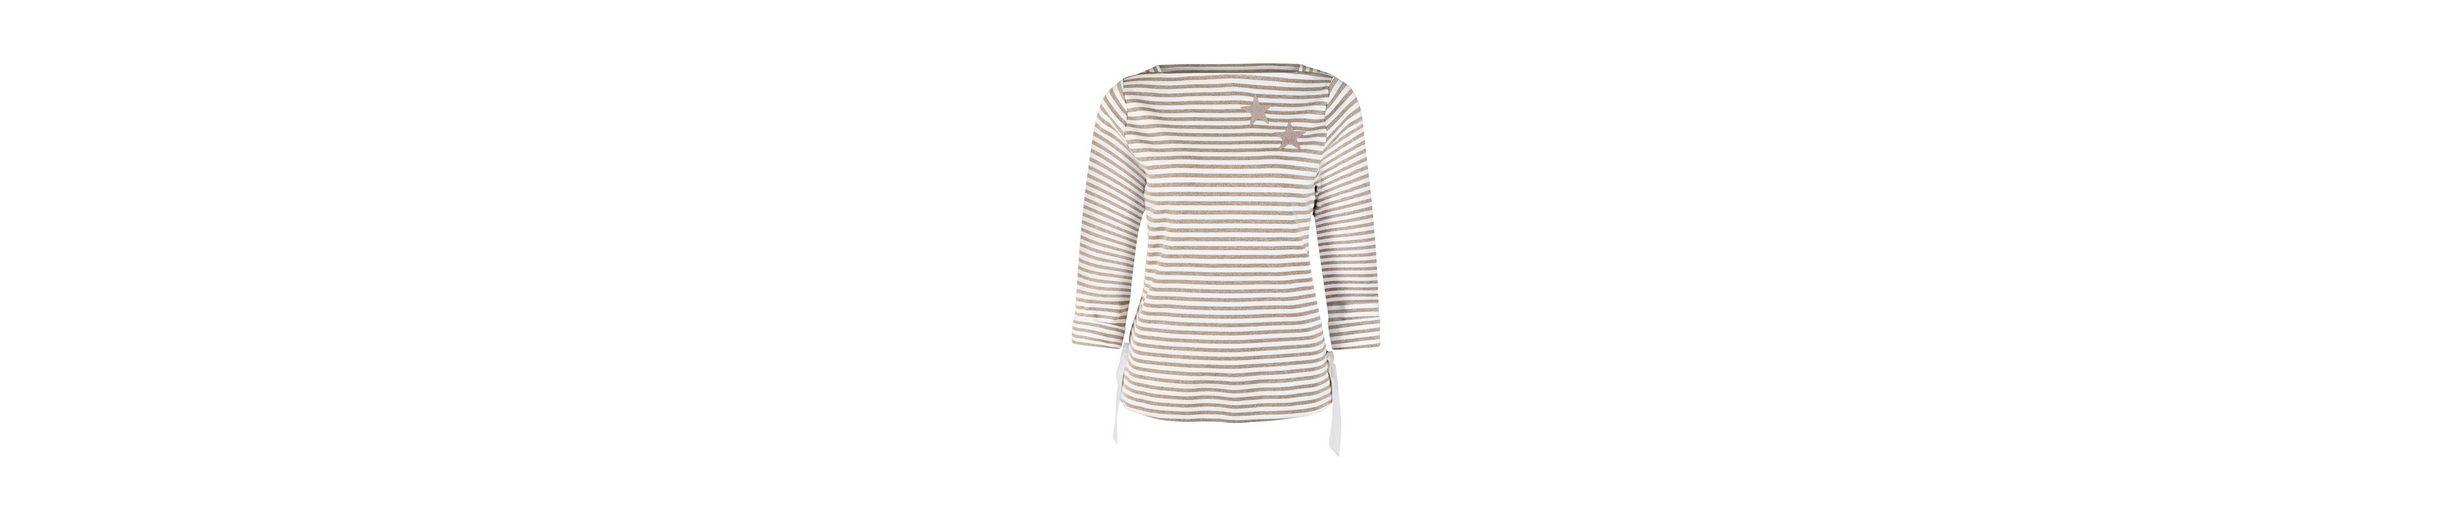 bianca 3/4-Arm-Shirt LOTTA, Sweatshirt mit Streifen und Sternen